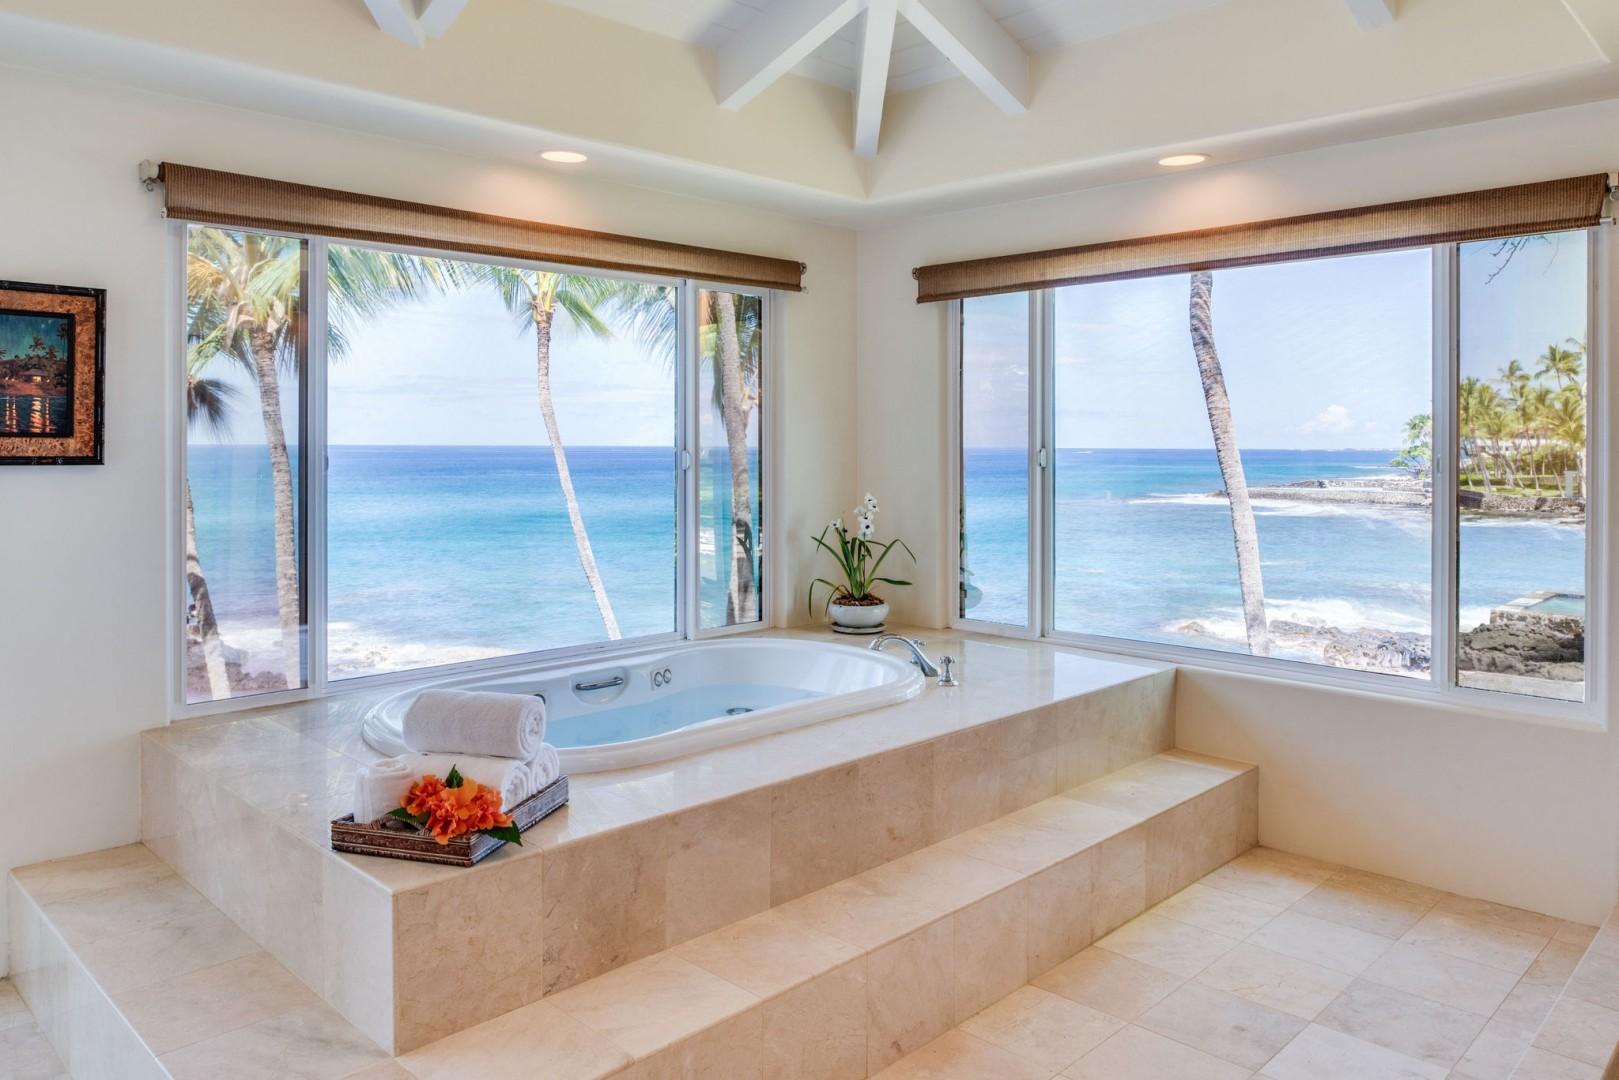 Hale Lihikai Master bathroom soaking tub